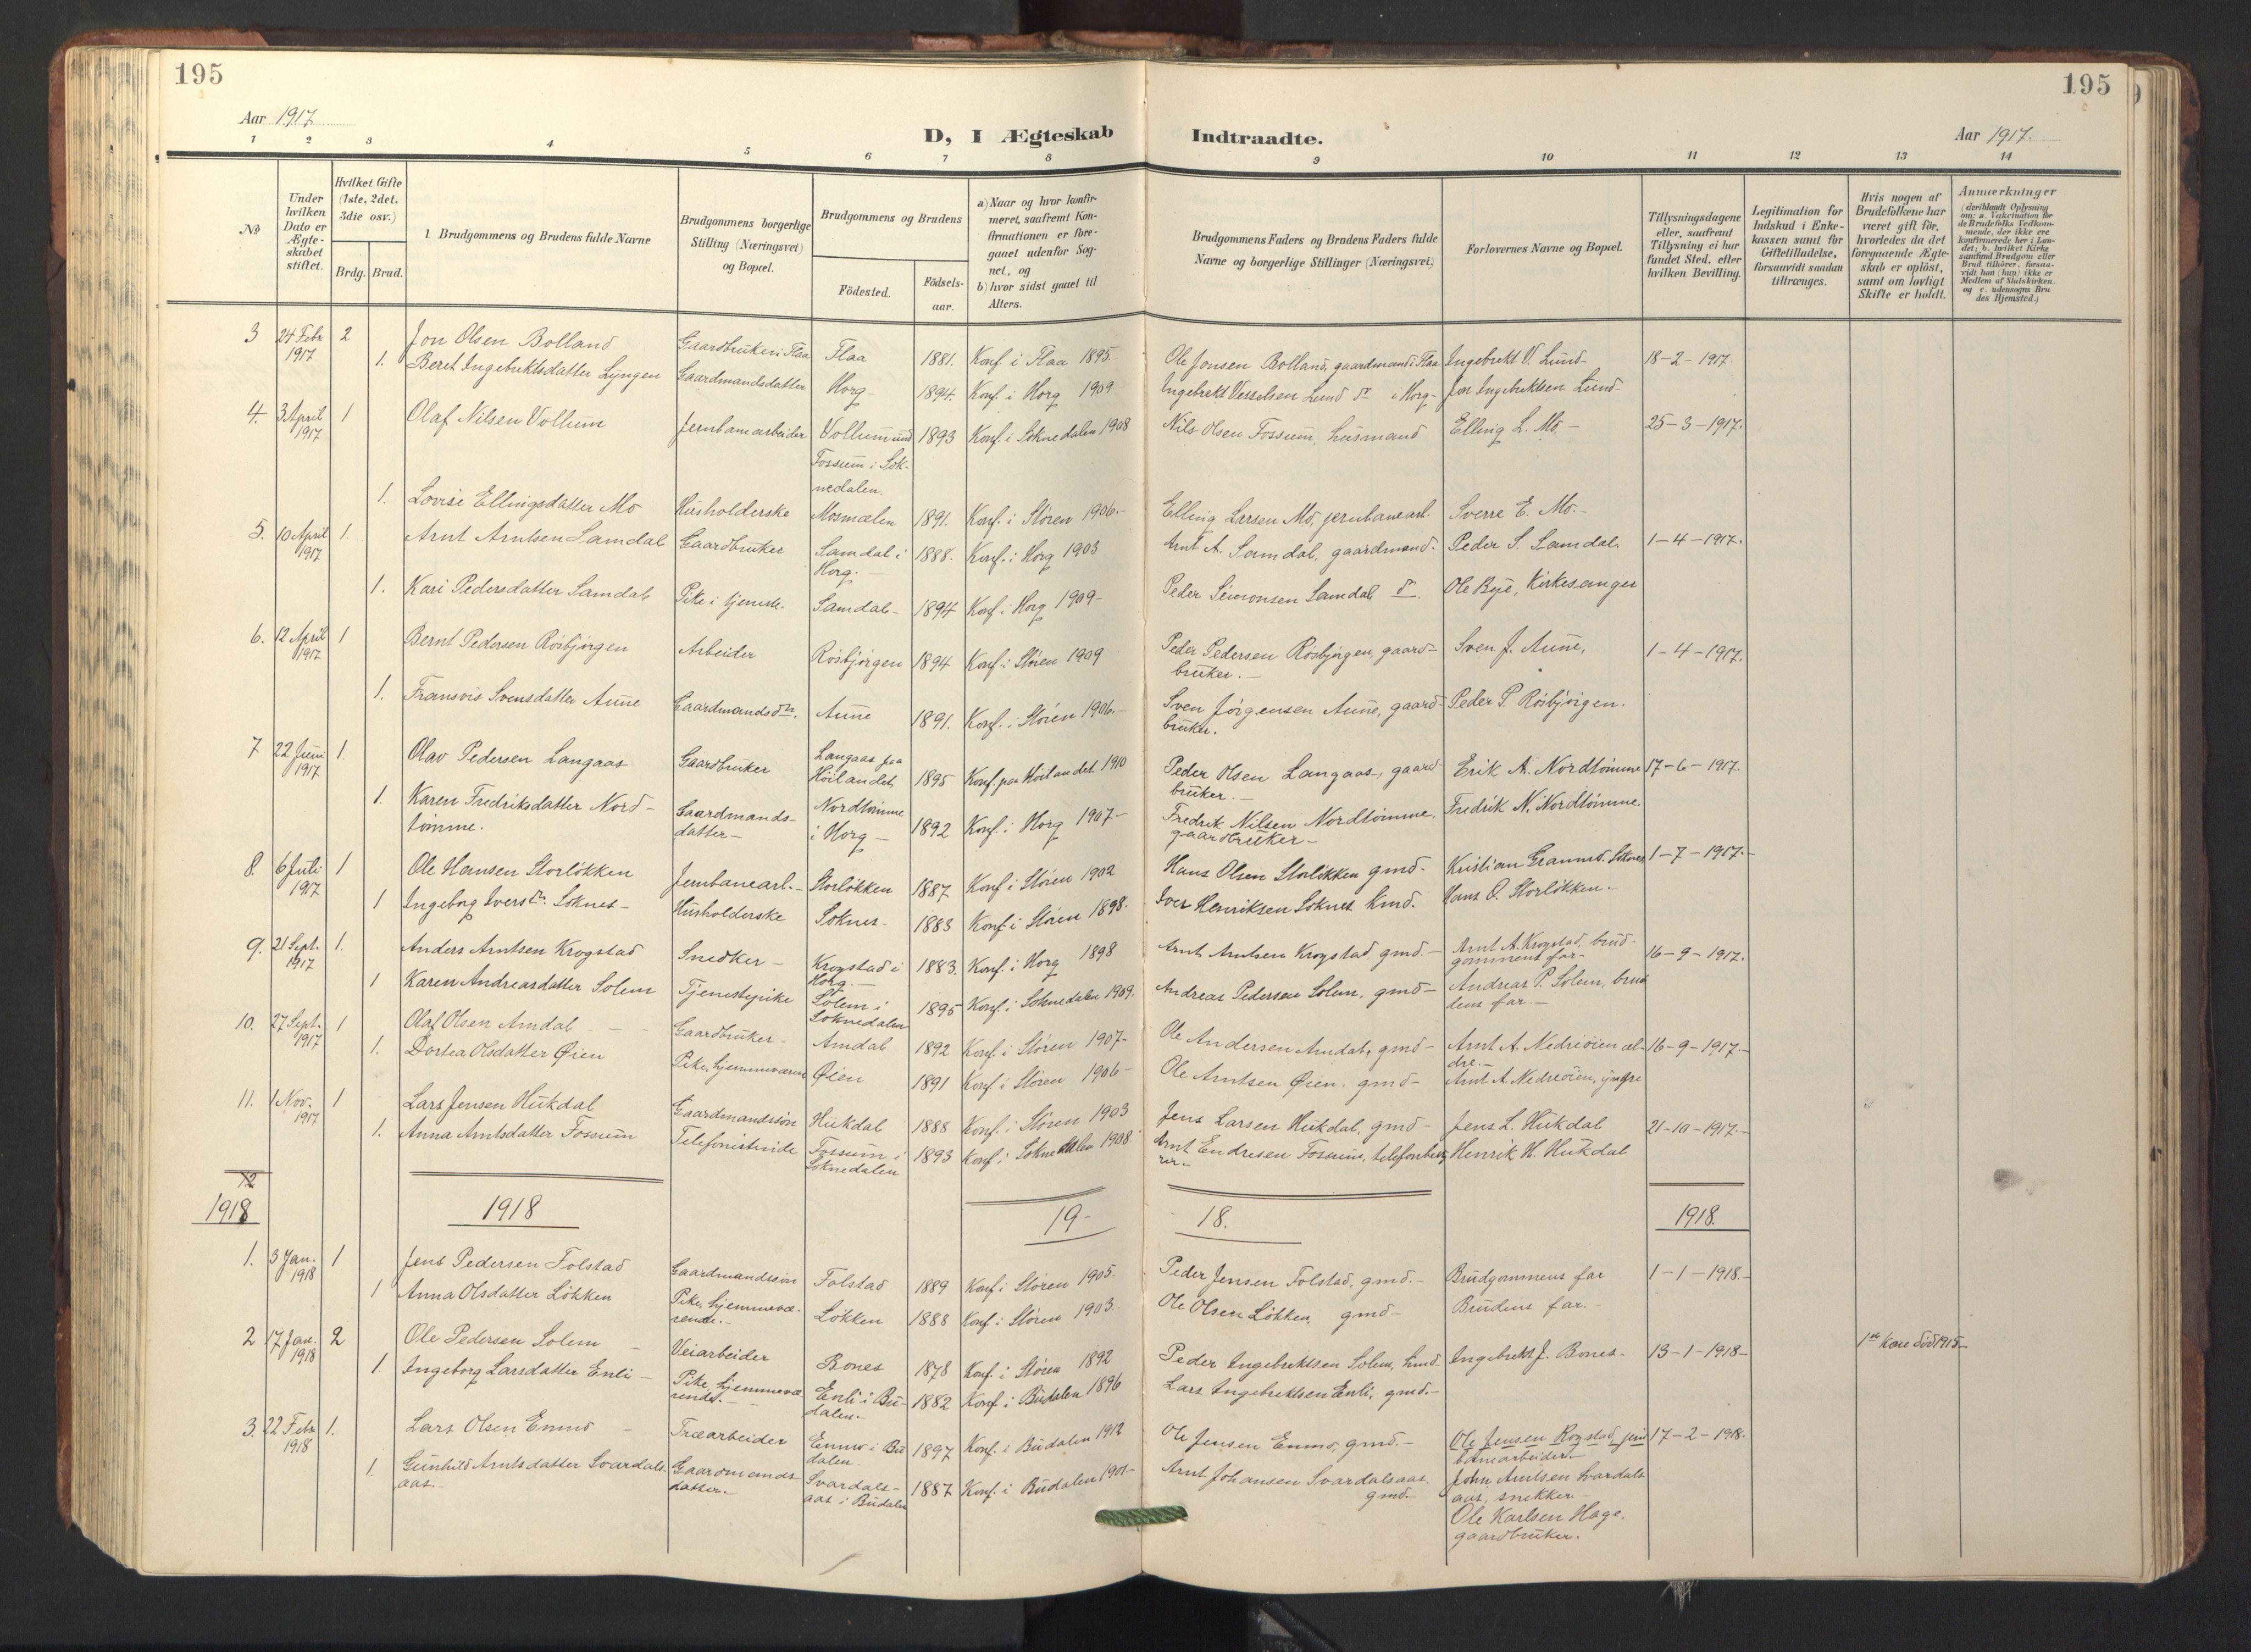 SAT, Ministerialprotokoller, klokkerbøker og fødselsregistre - Sør-Trøndelag, 687/L1019: Klokkerbok nr. 687C03, 1904-1931, s. 195